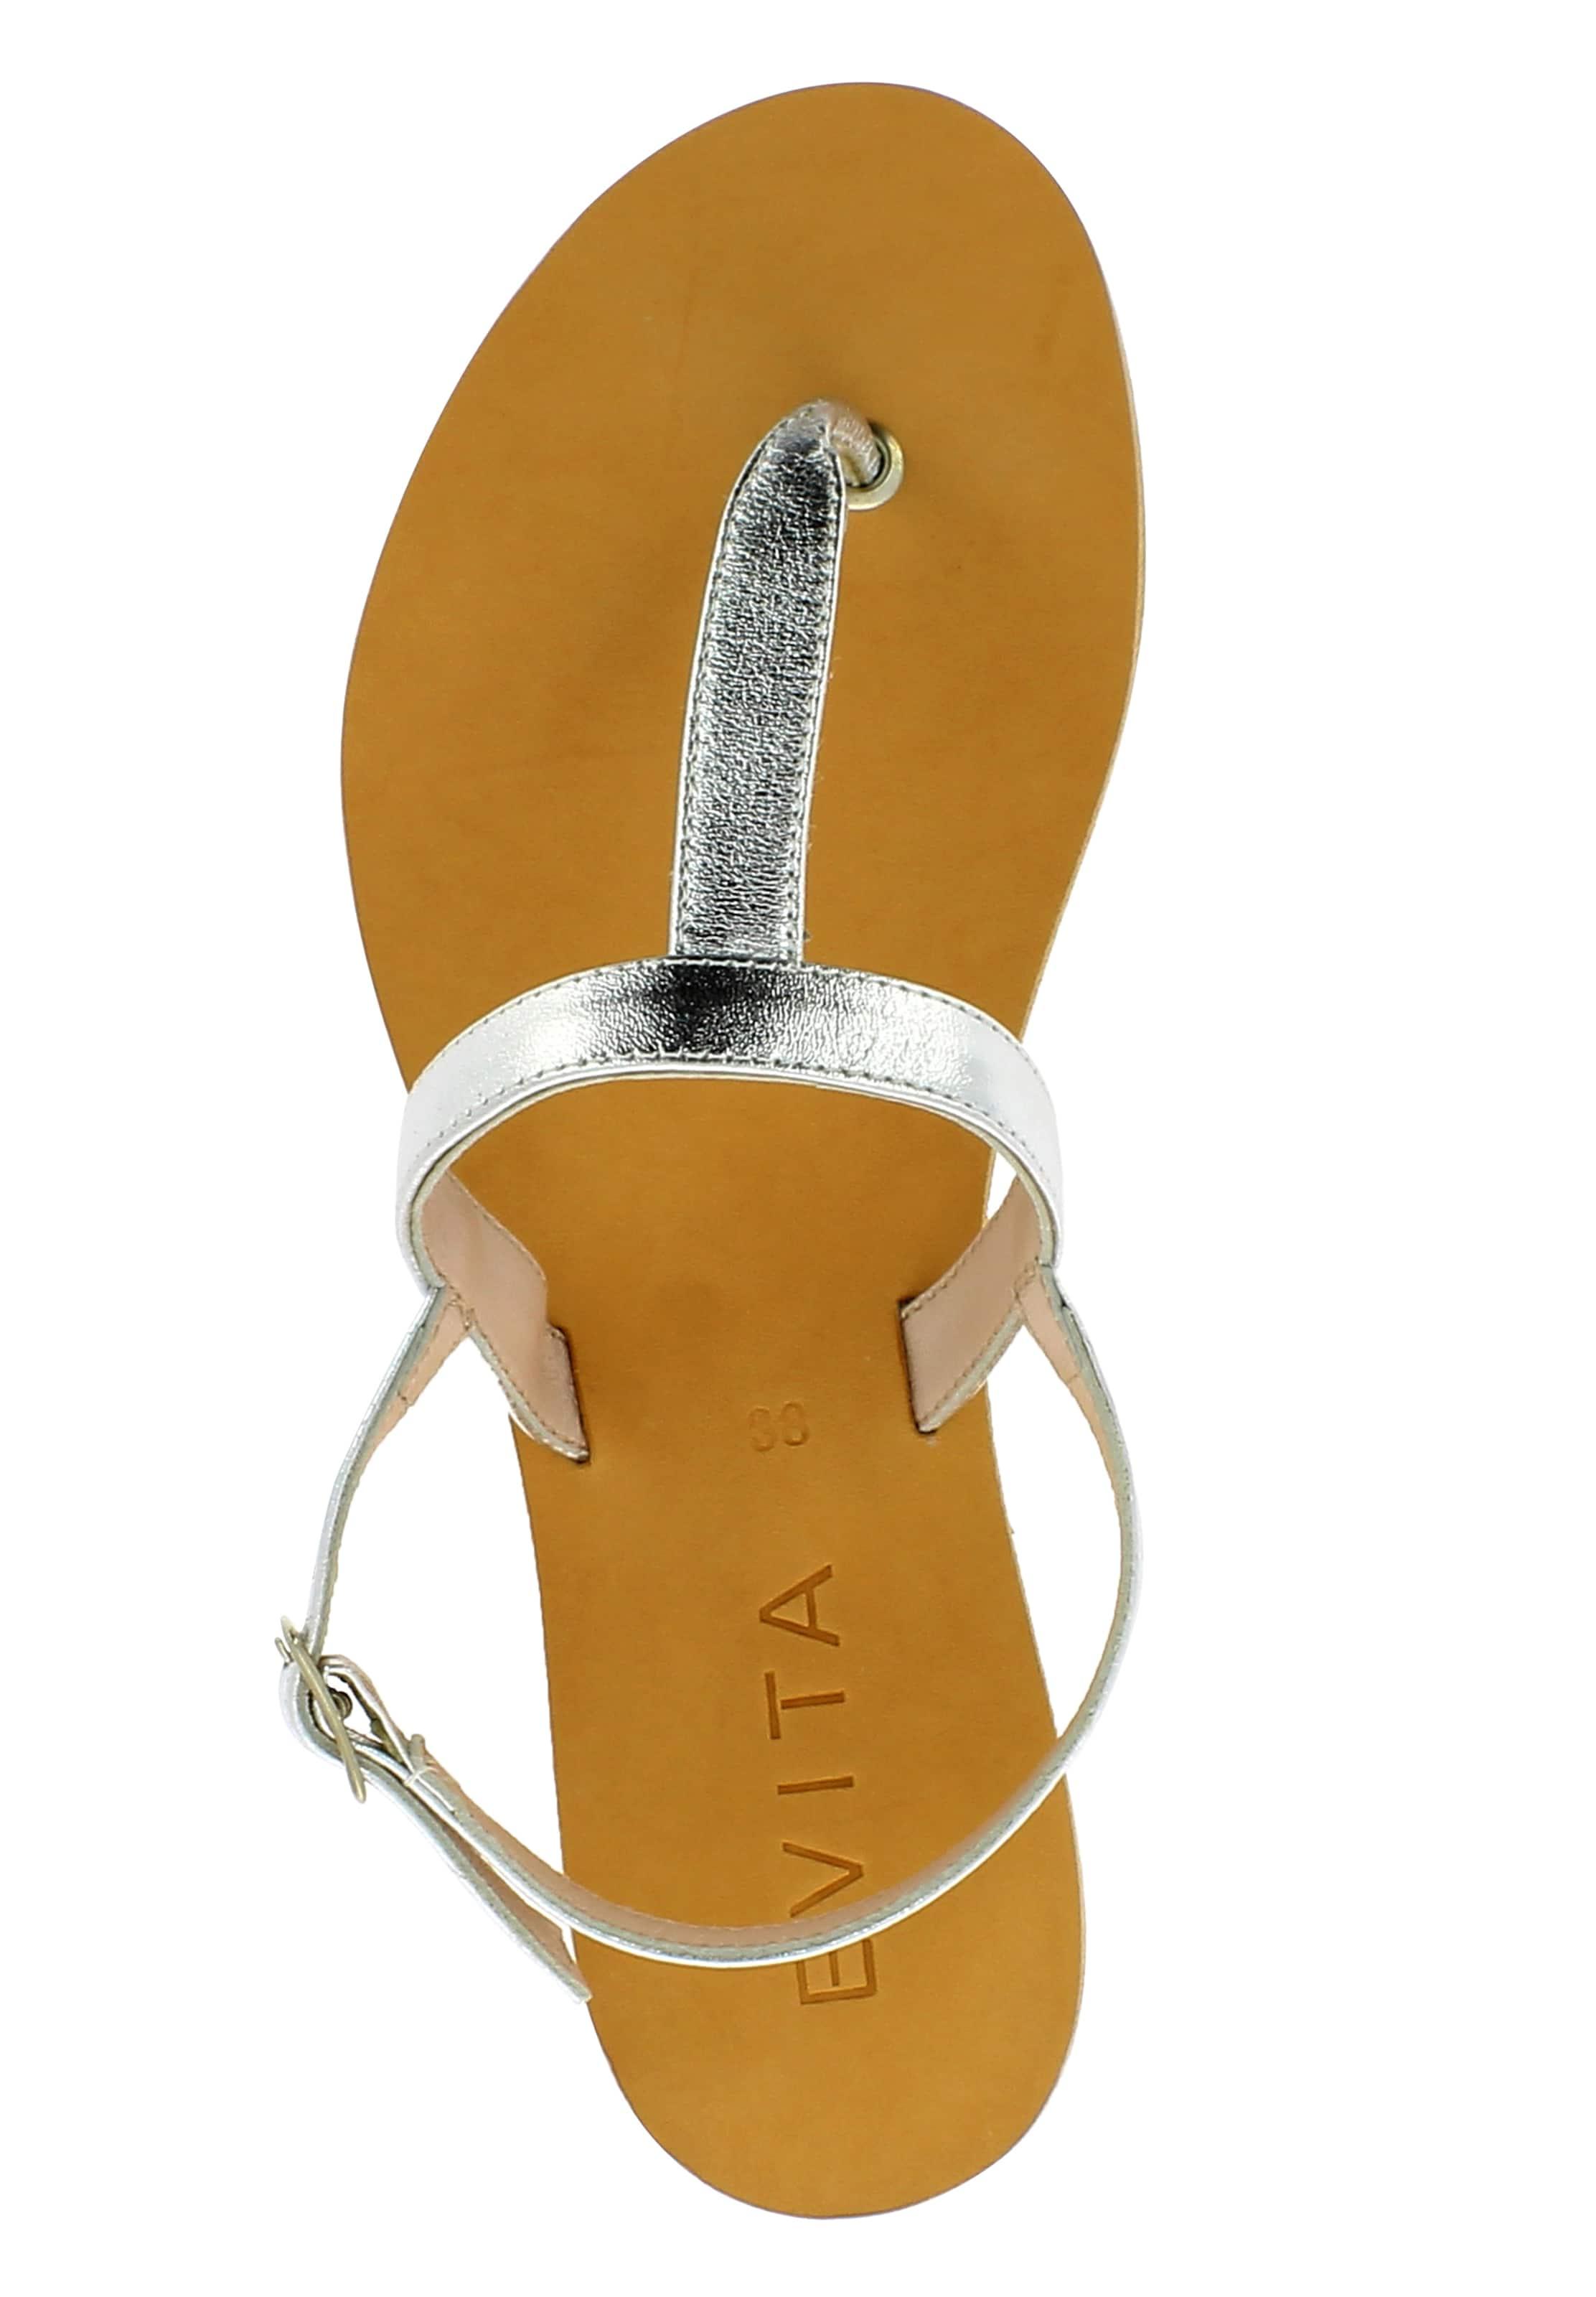 Günstige Spielraum Store EVITA Damen Sandale Rabatt Neueste Niedriger Preis Online Bester Großhandelsverkauf Online qXq4a